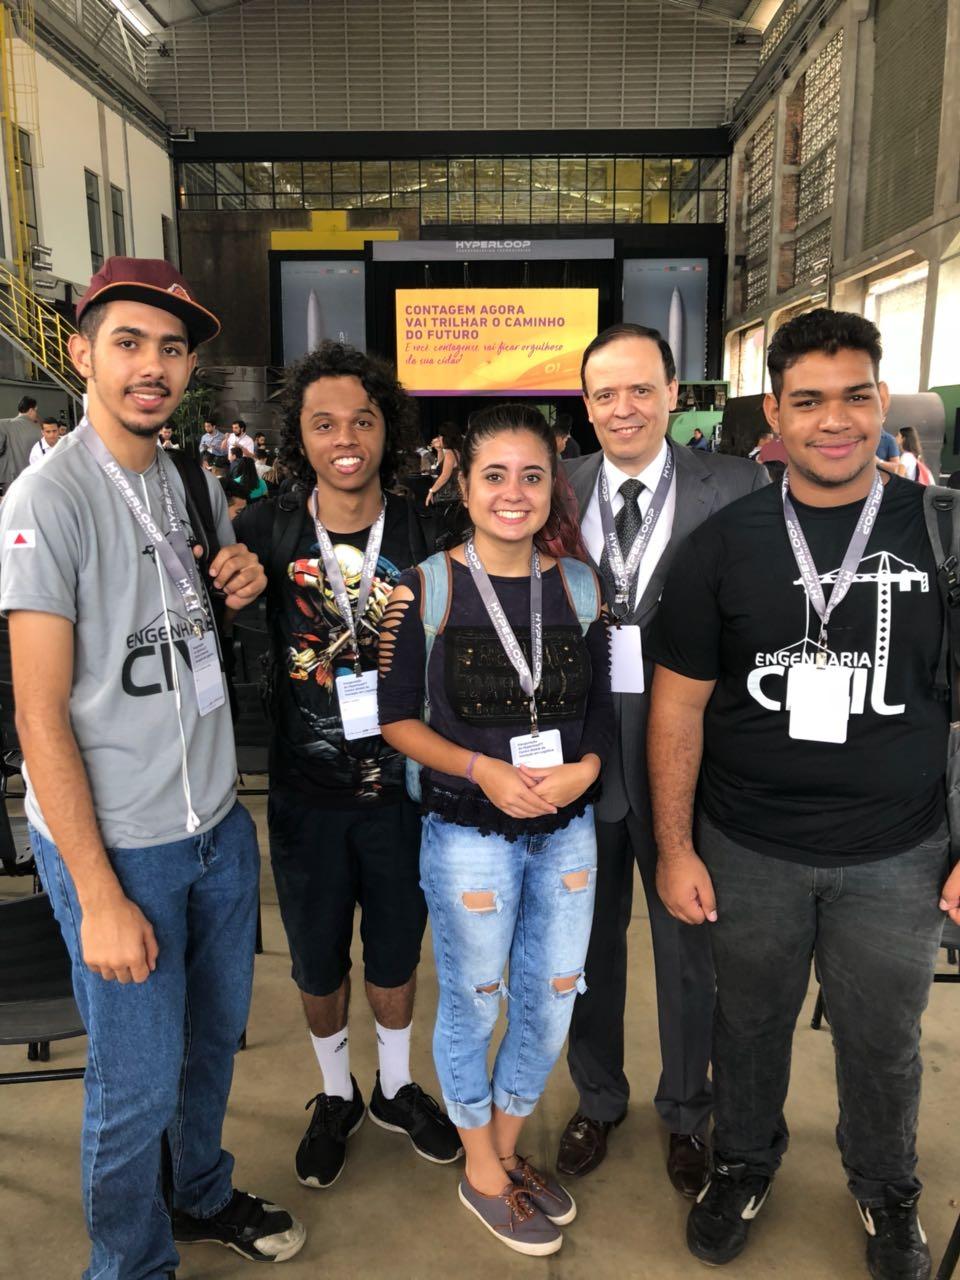 Professor José Antônio Sousa e alunos da EMGE participam do lançamento em Contagem.